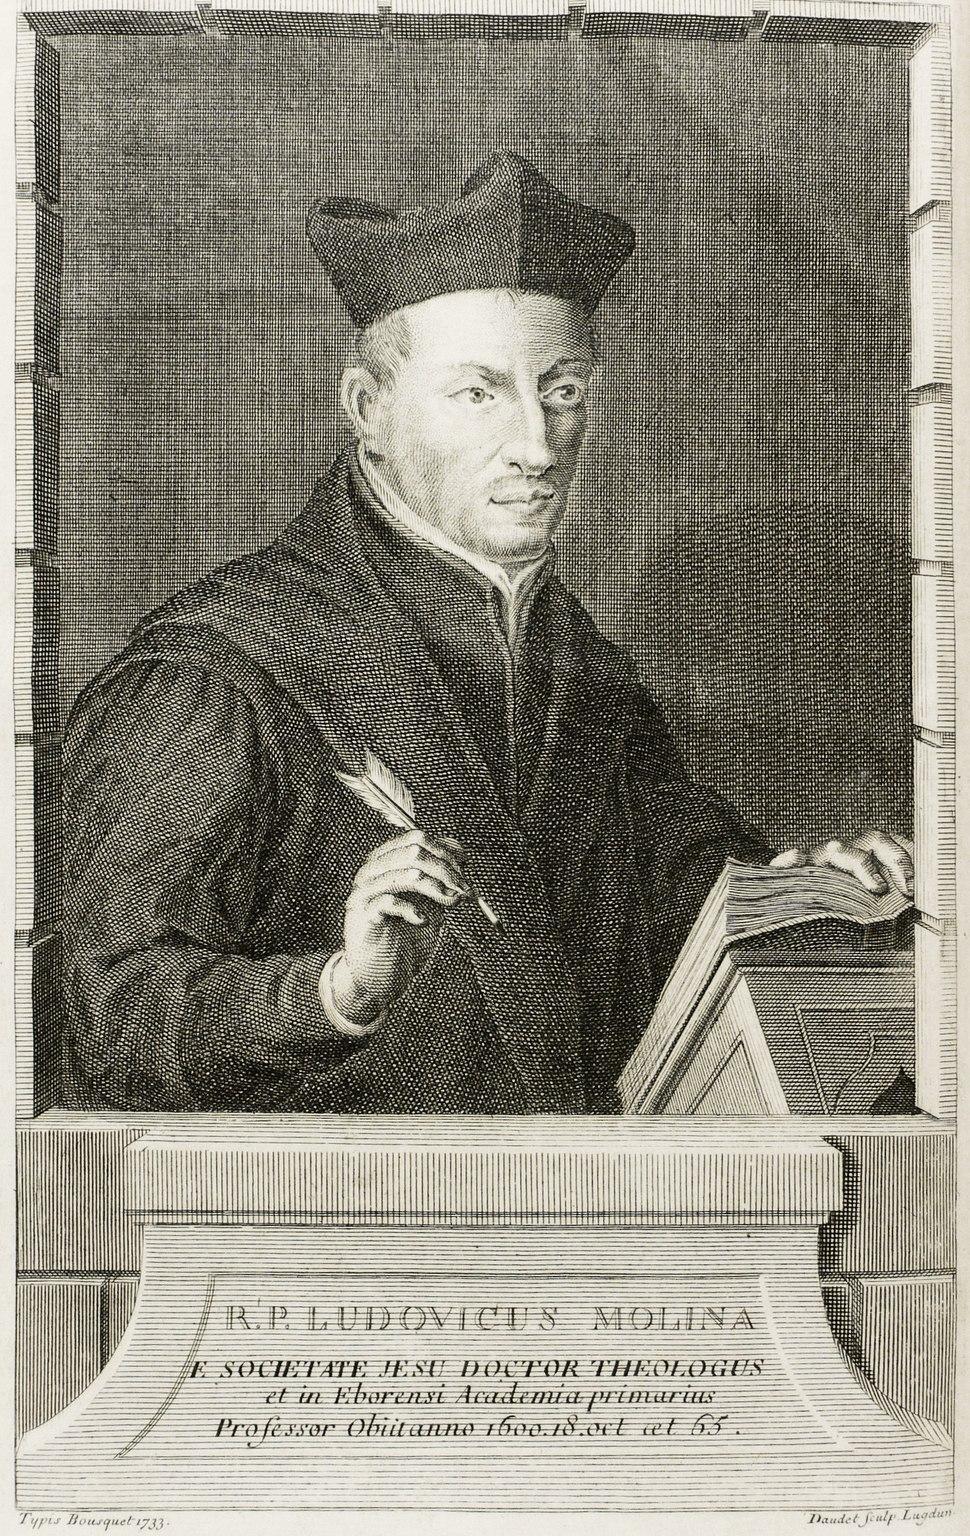 Molina - De Justitia et jure, 1759 - 272